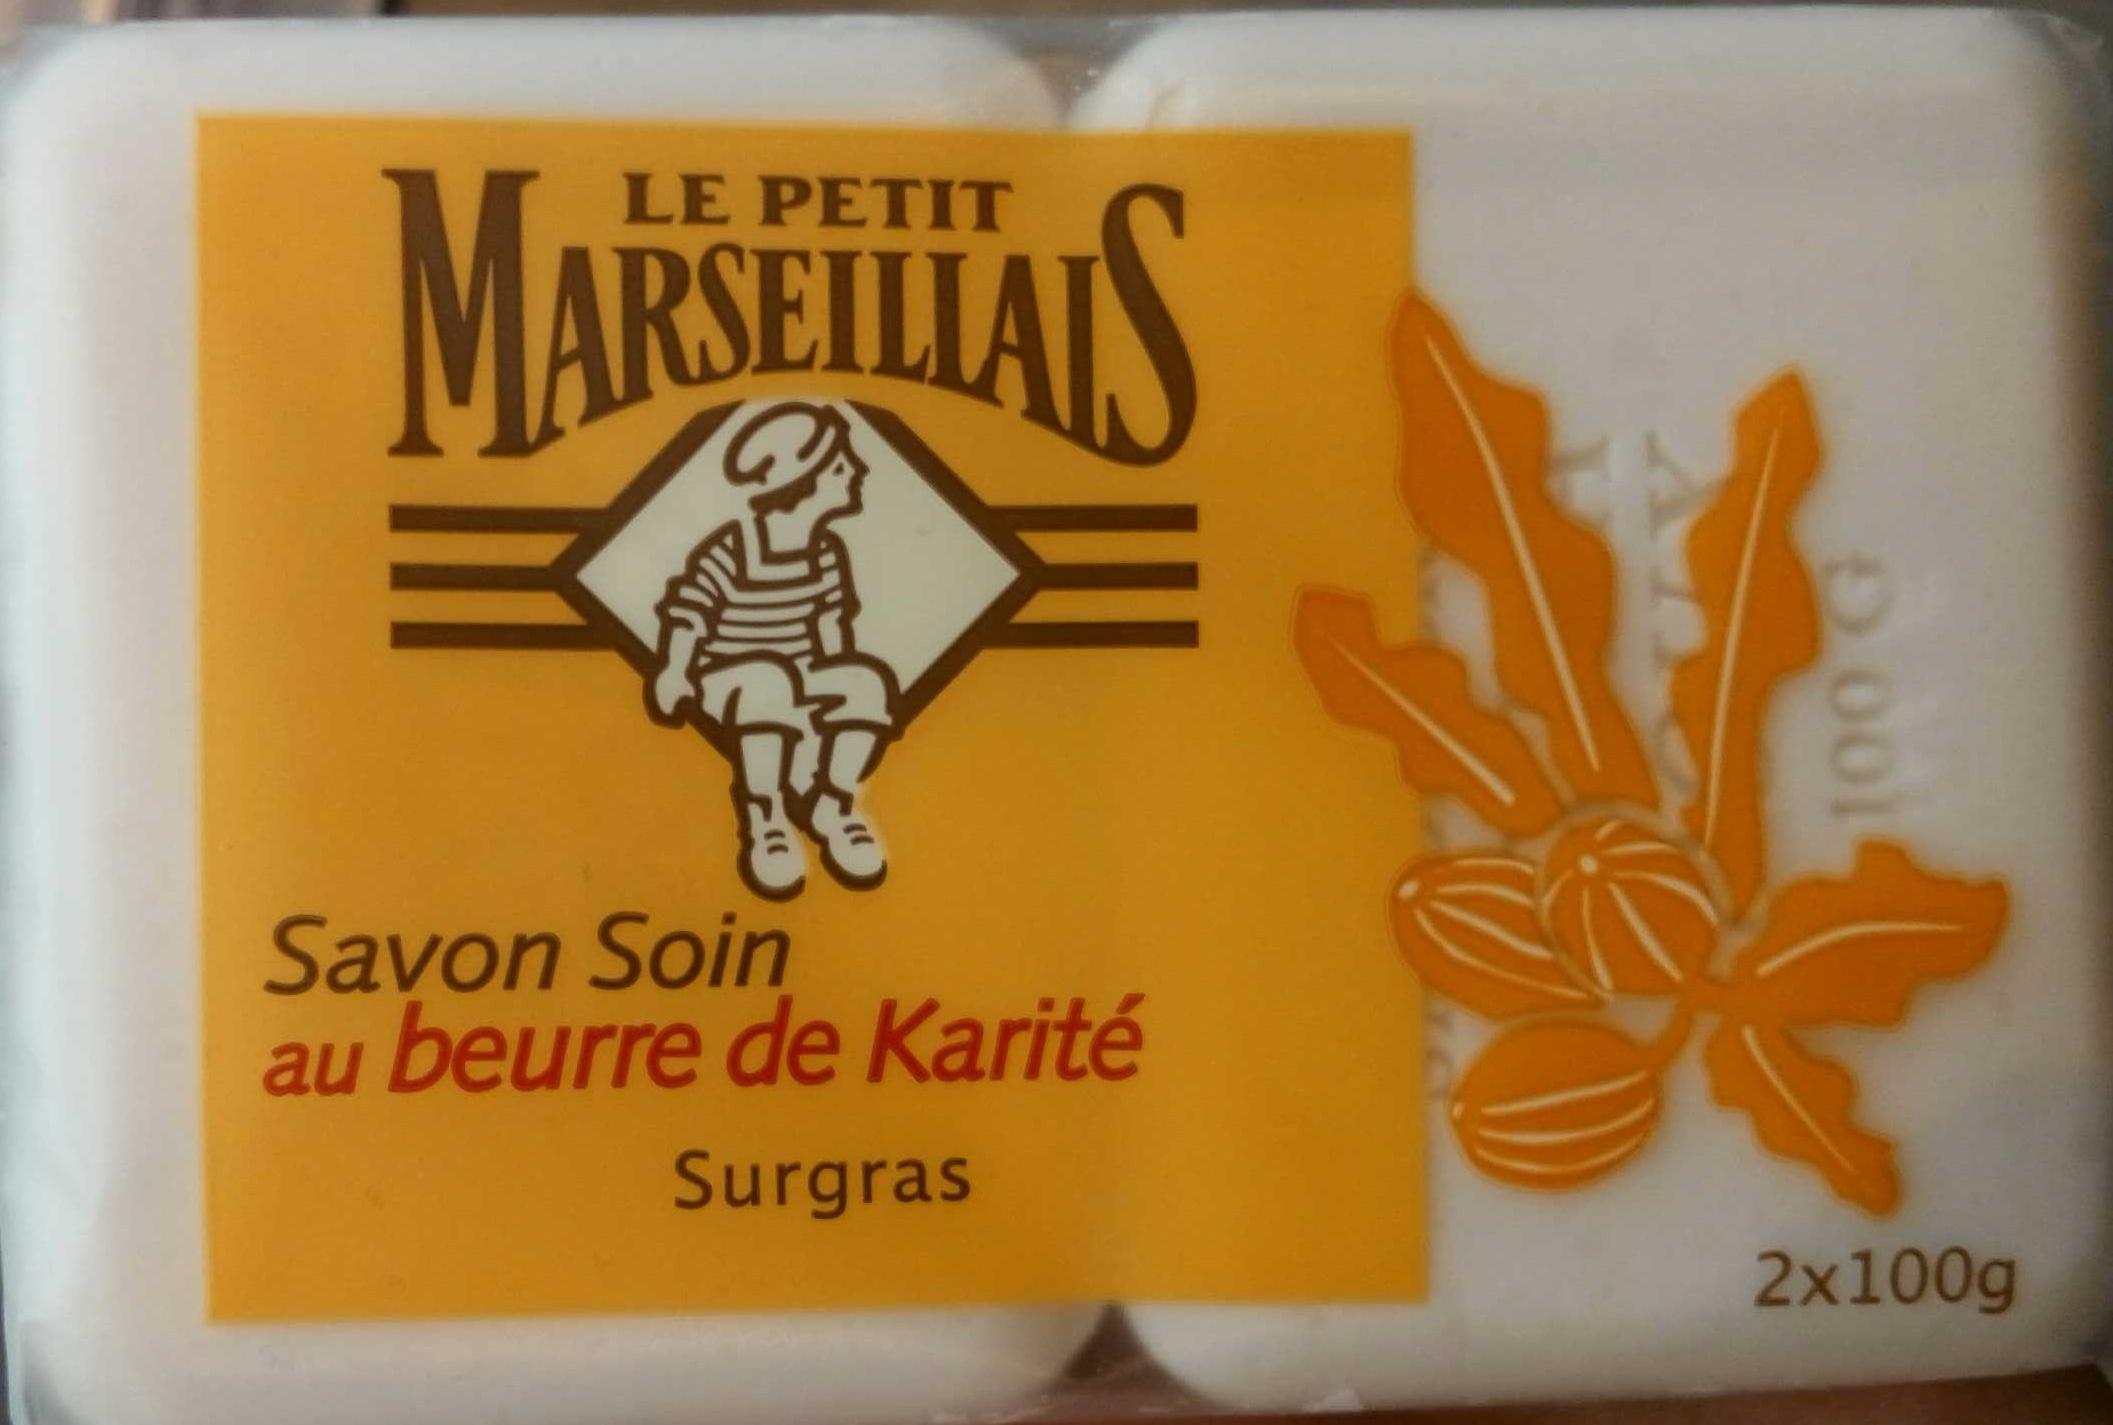 Savon soin au Beurre de Karité - Product